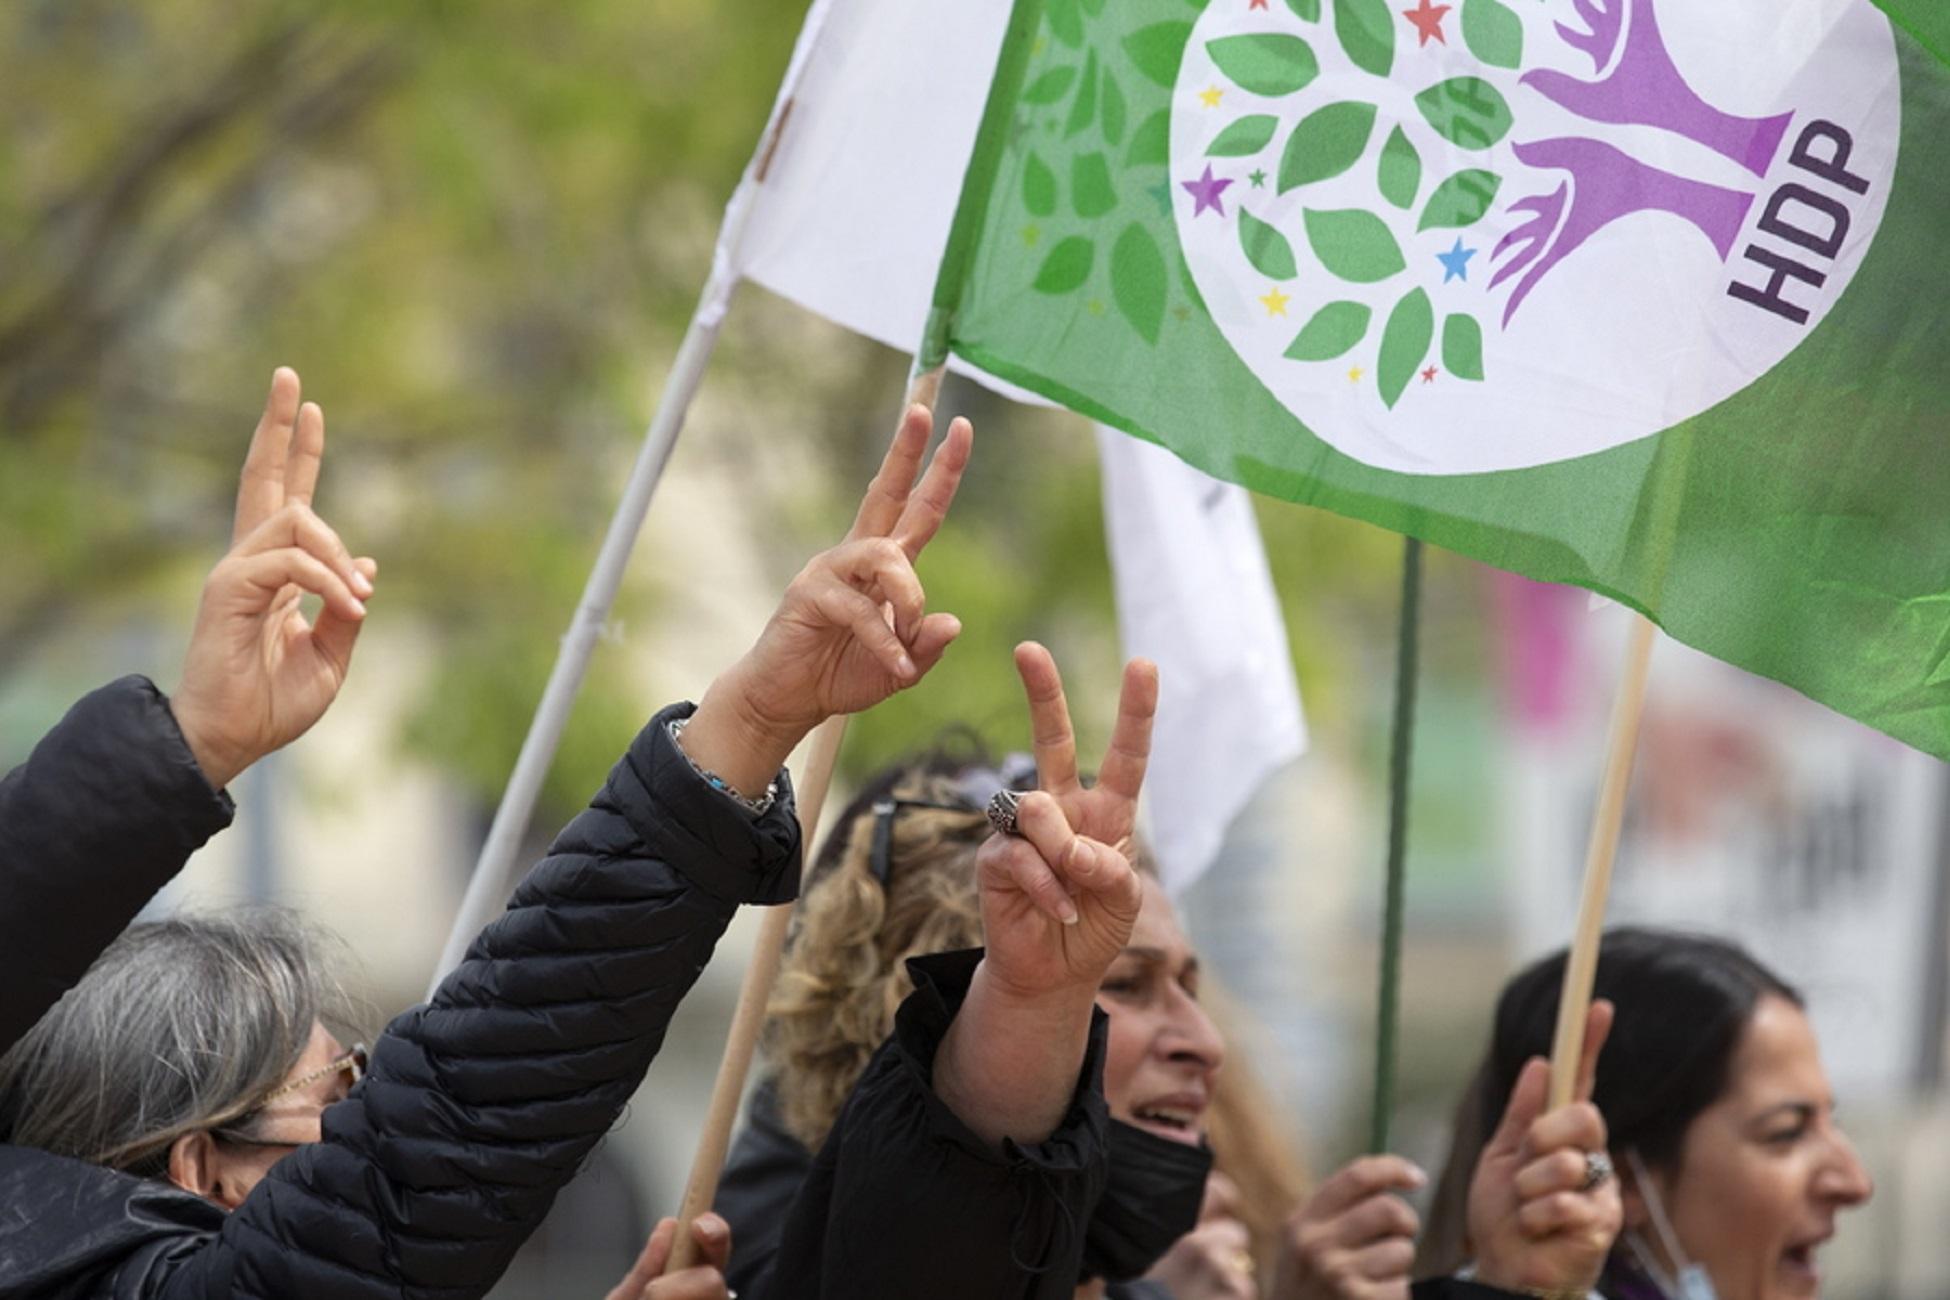 Τουρκία: Μια γυναίκα νεκρή μετά από επίθεση στα γραφεία του φιλοκουρδικού κόμματος